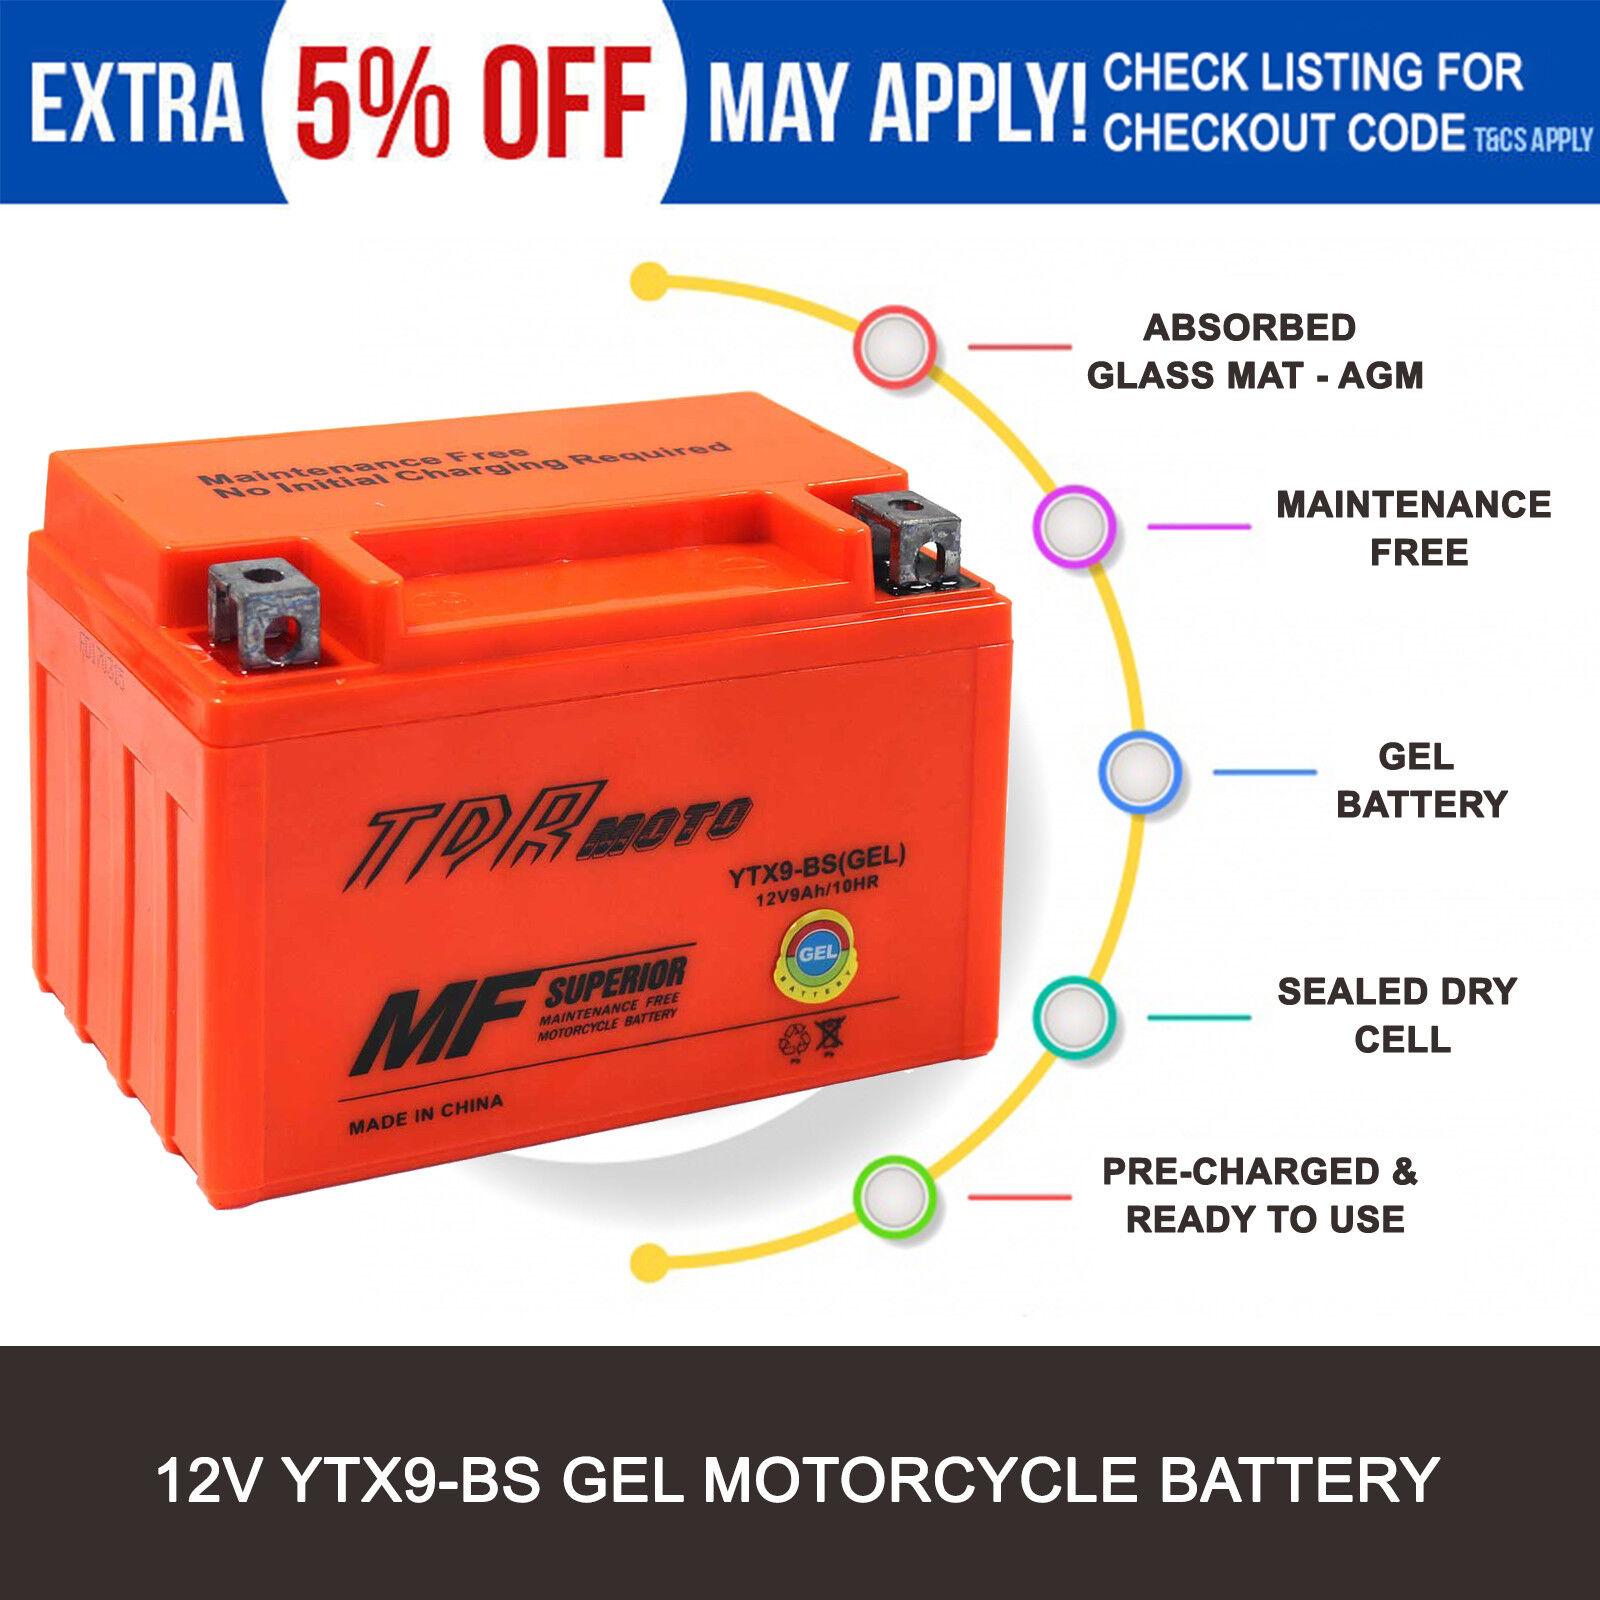 YTX9-BS 12V 9Ah GEL Battery Honda Kawasaki Suzuki Yamaha Triumph KTM Hyosung